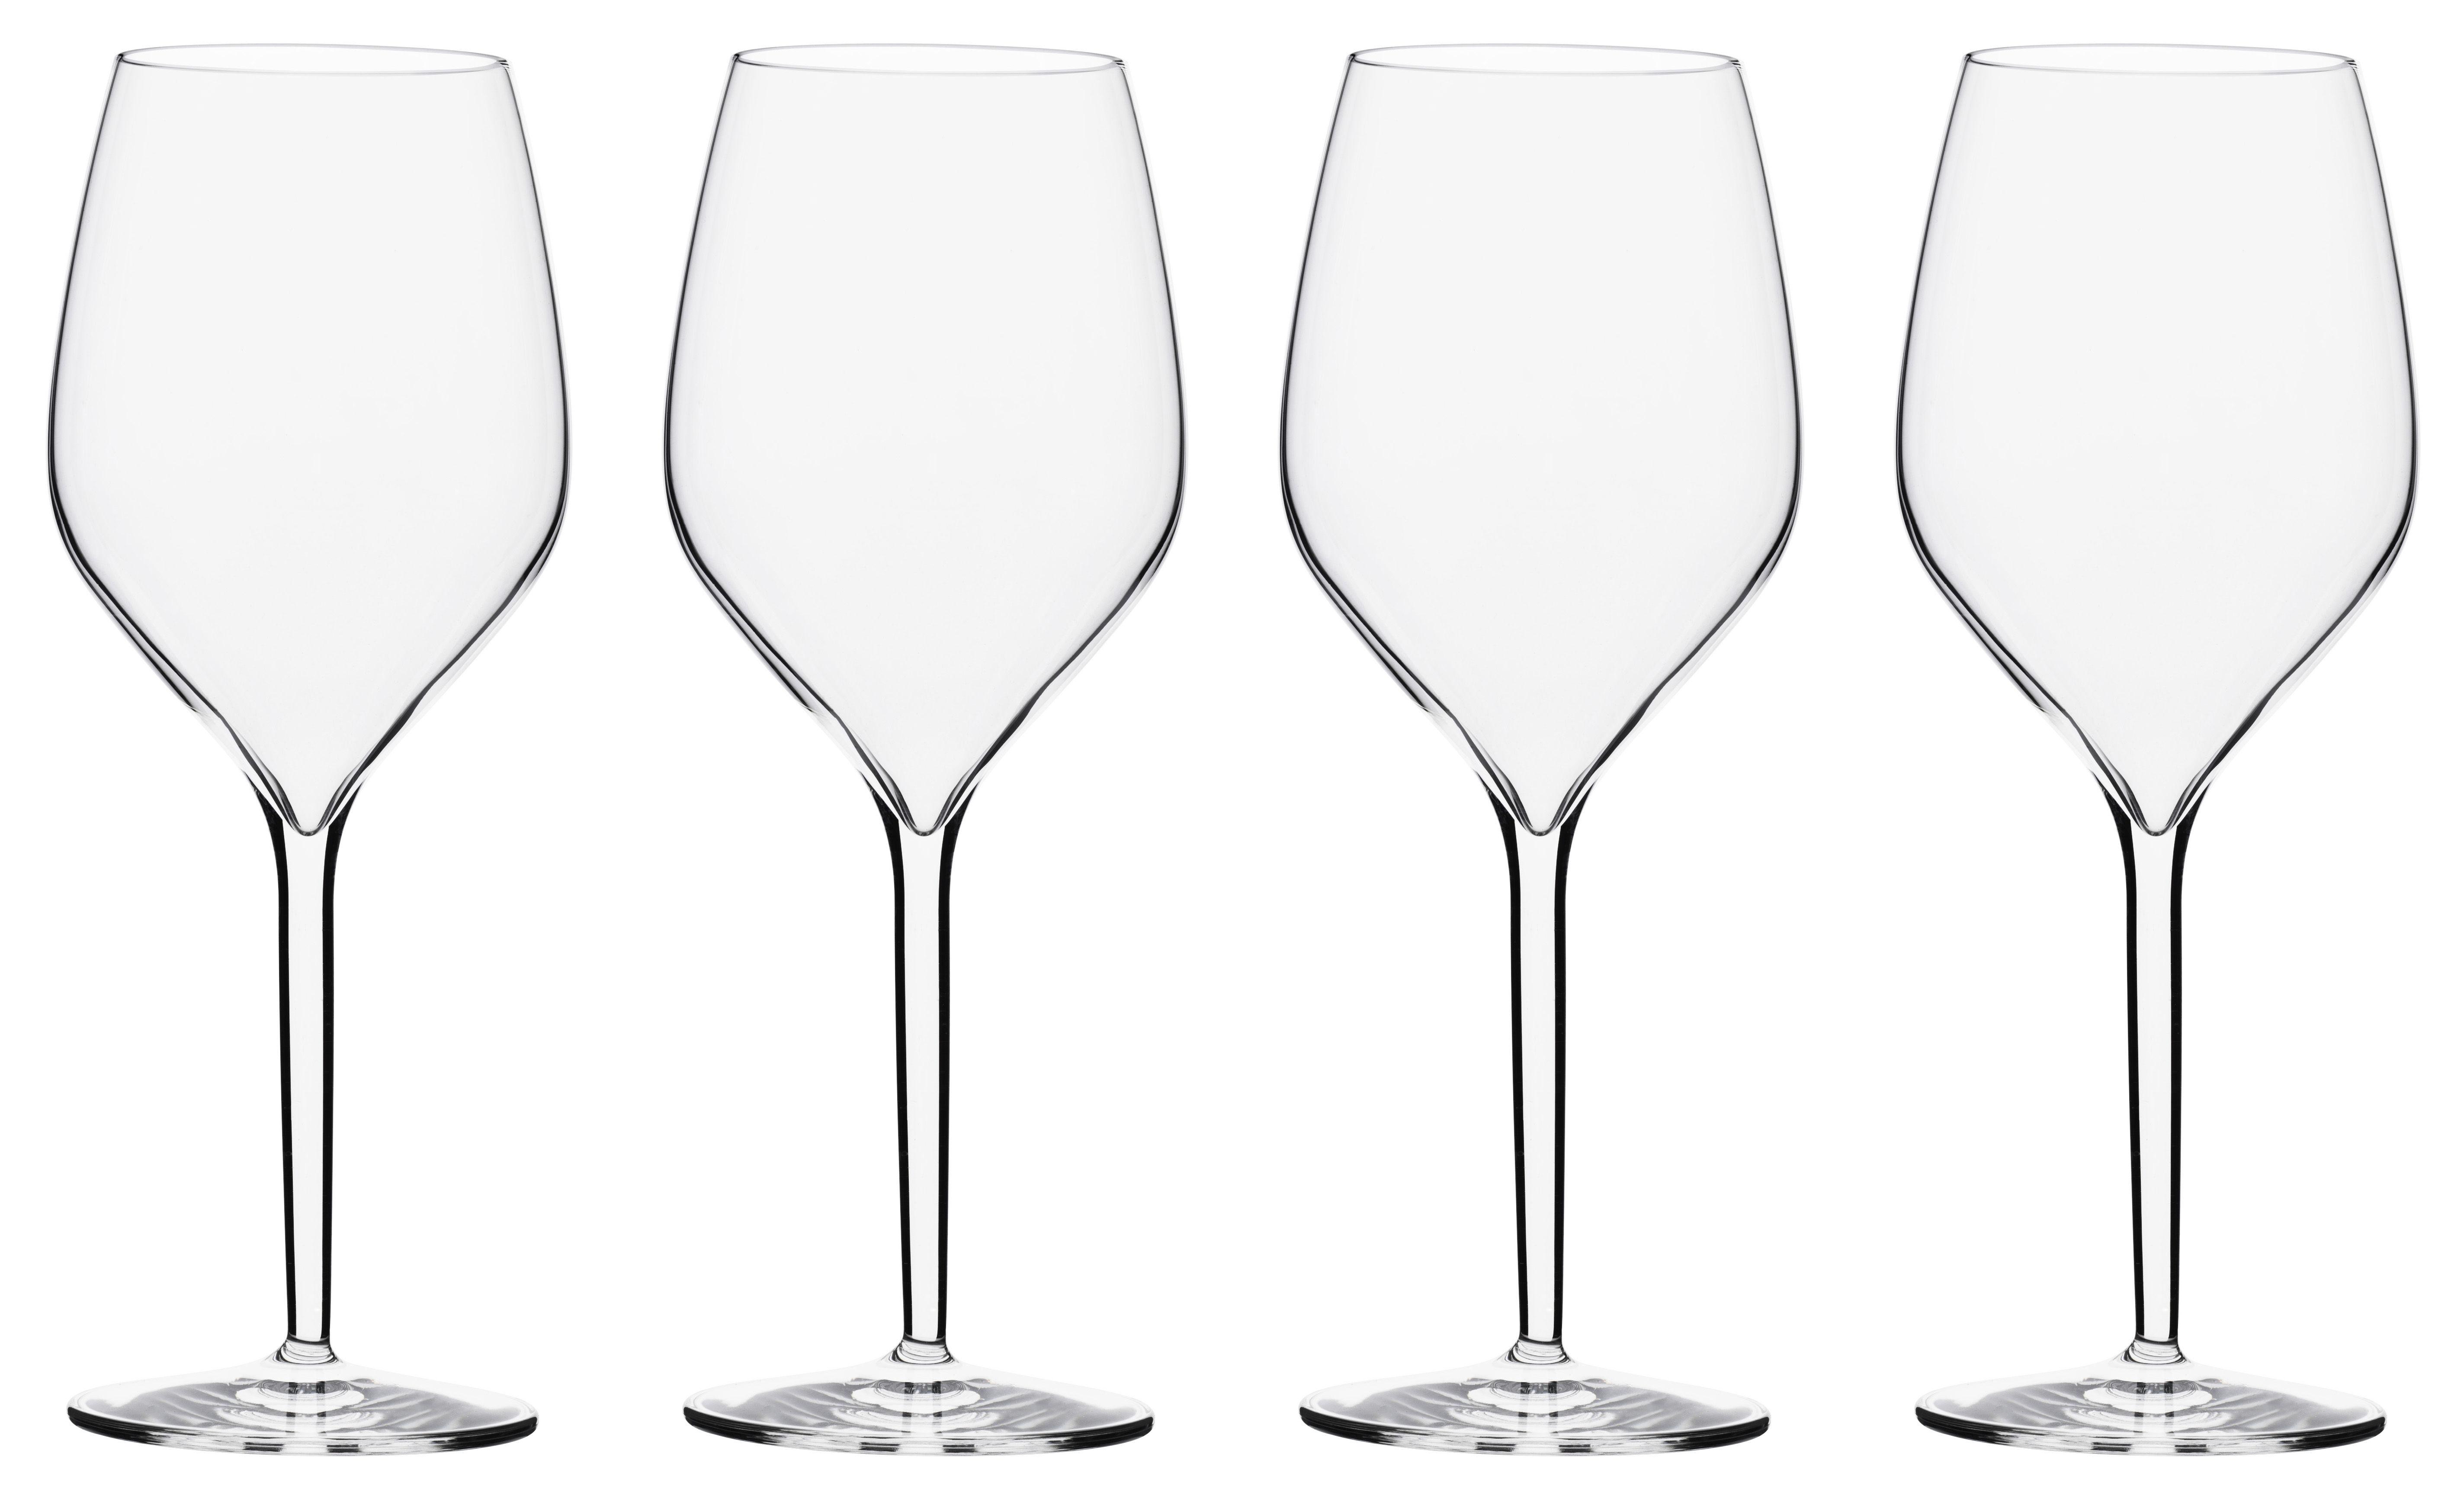 Arts de la table - Verres  - Verre à vin Vertical Large / 50 cl - Lot de 4 - Italesse - Transparent - Verre